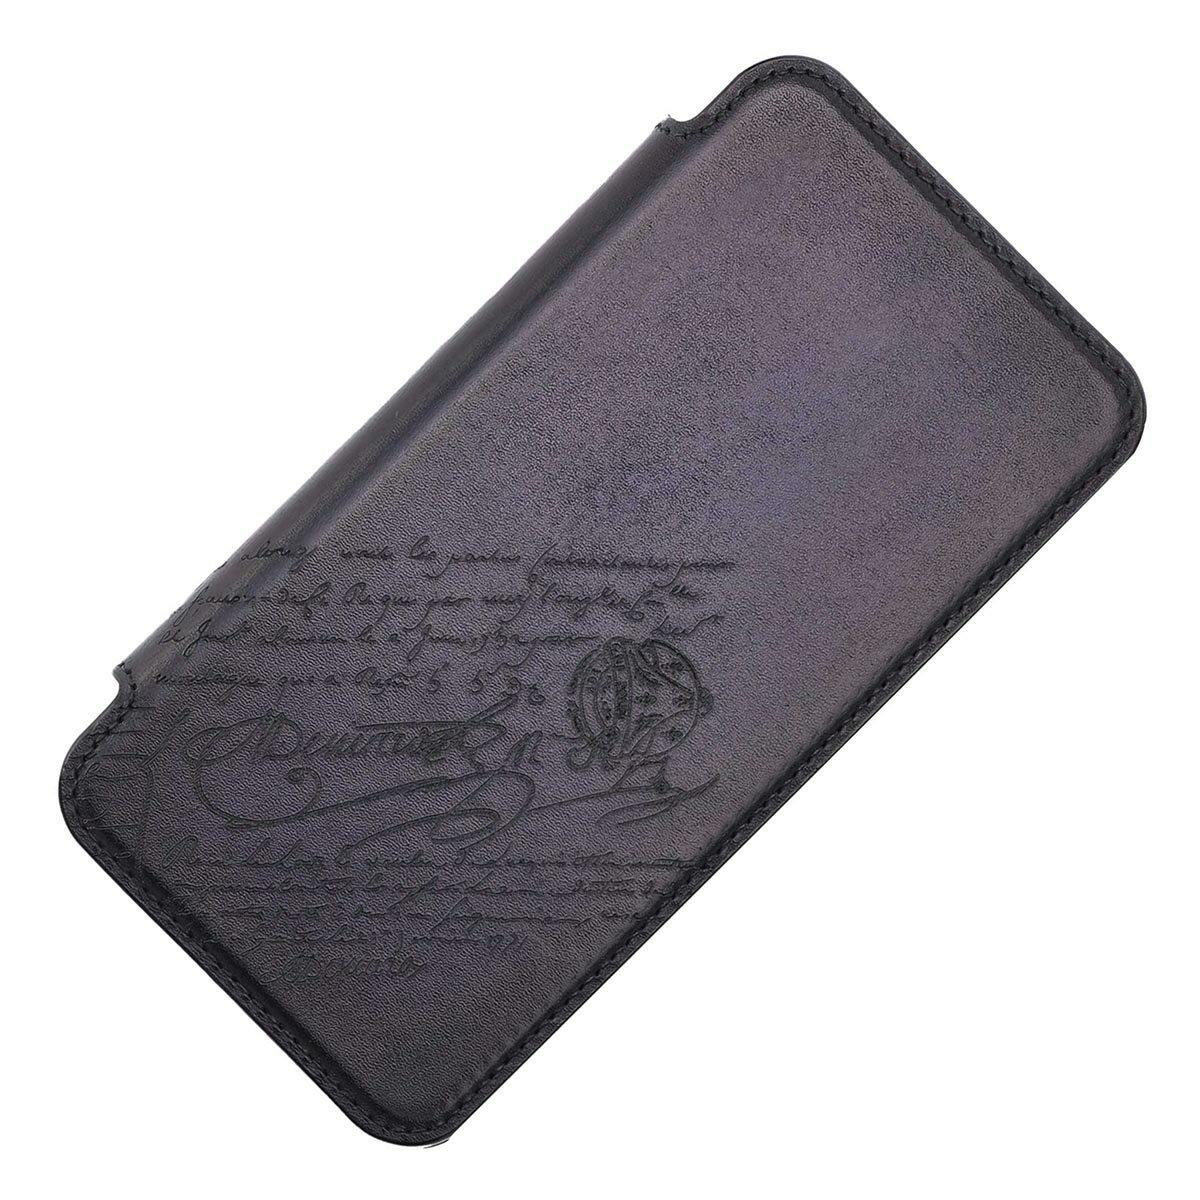 スマートフォン・携帯電話アクセサリー, ケース・カバー  BERLUTI x217010 bc9 iPhone 12 Pro